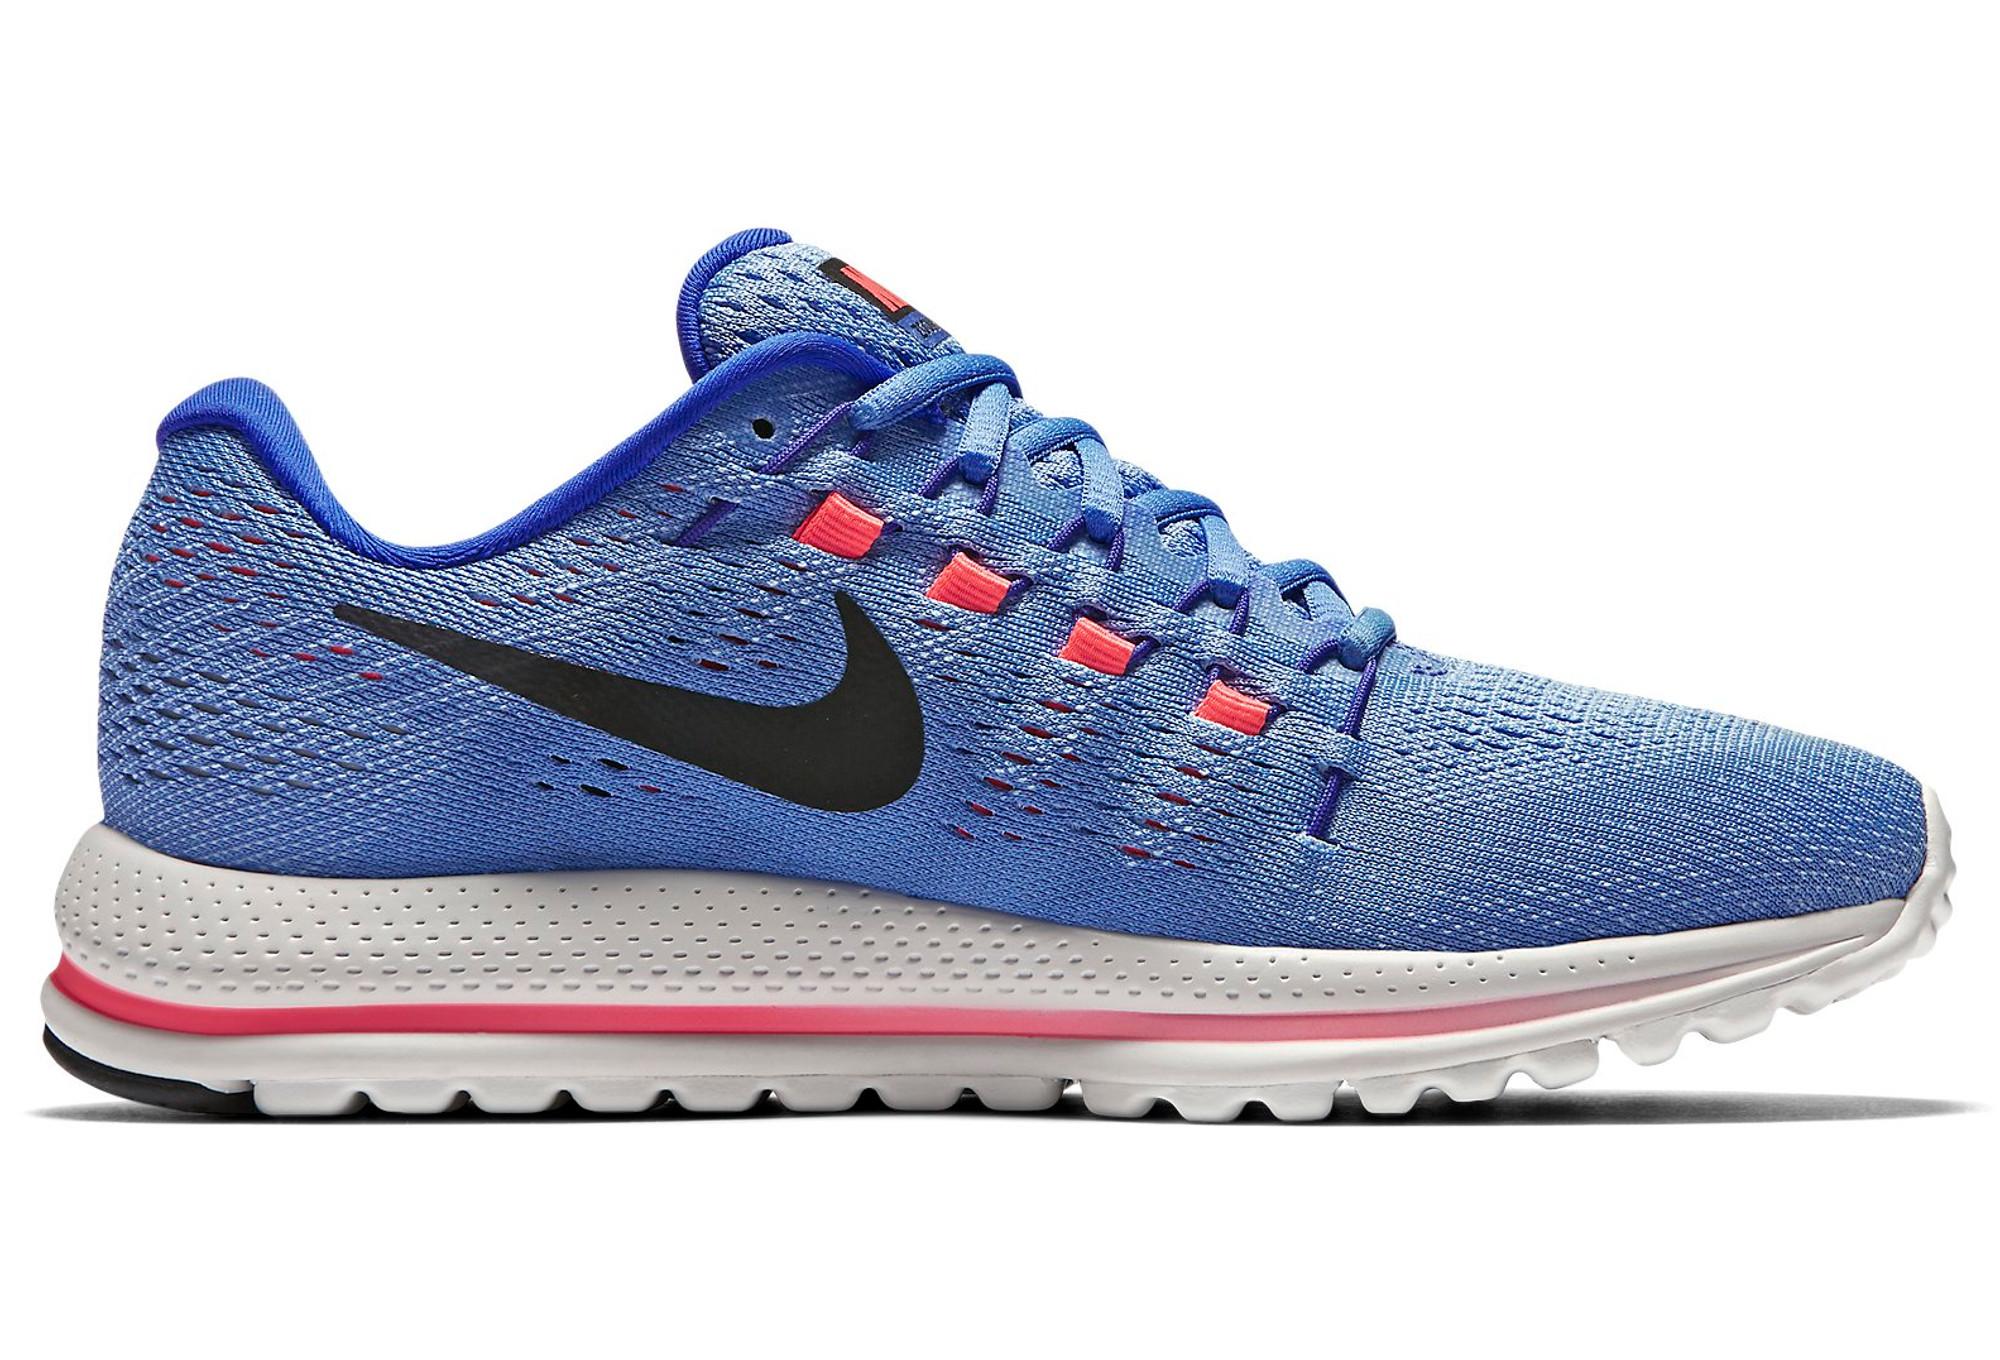 super popular d44d3 8c16c Chaussures de Running Femme Nike AIR ZOOM VOMERO 12 Bleu